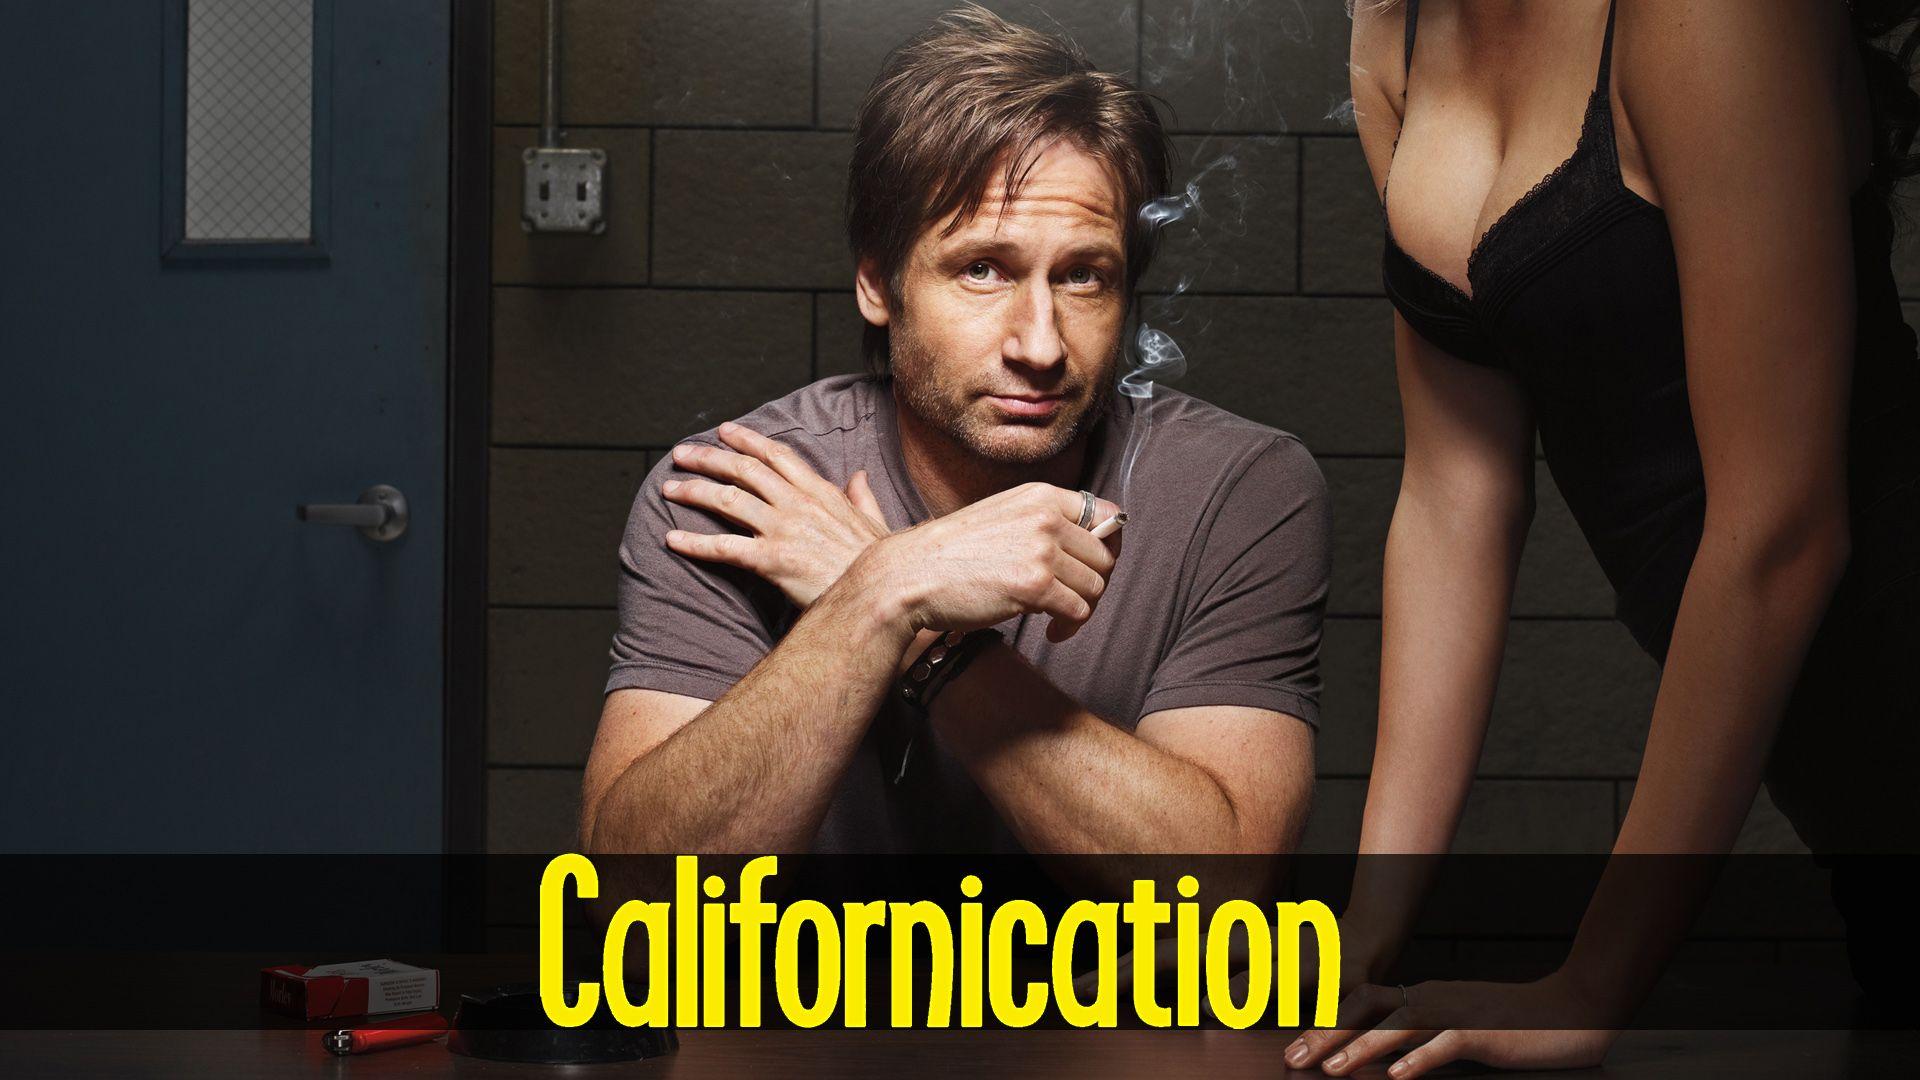 californication hot girl